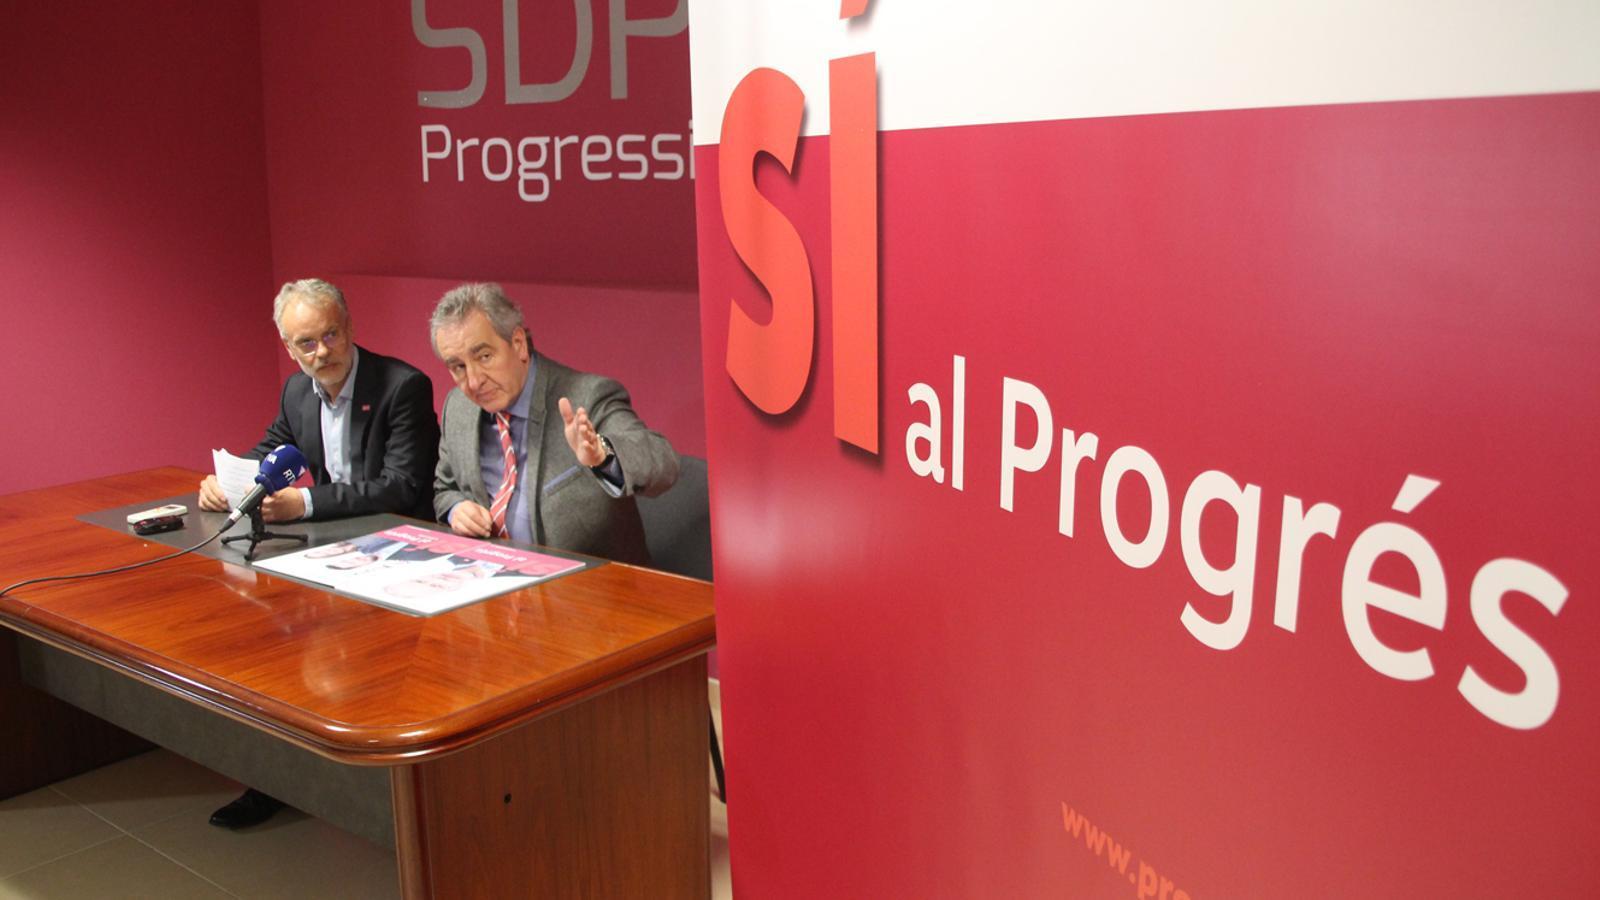 El president i el cap de llista de Progressistes-SDP, Jaume Bartumeu i Josep Roig, durant la roda de premsa celebrada aquest dimarts. / M. P.